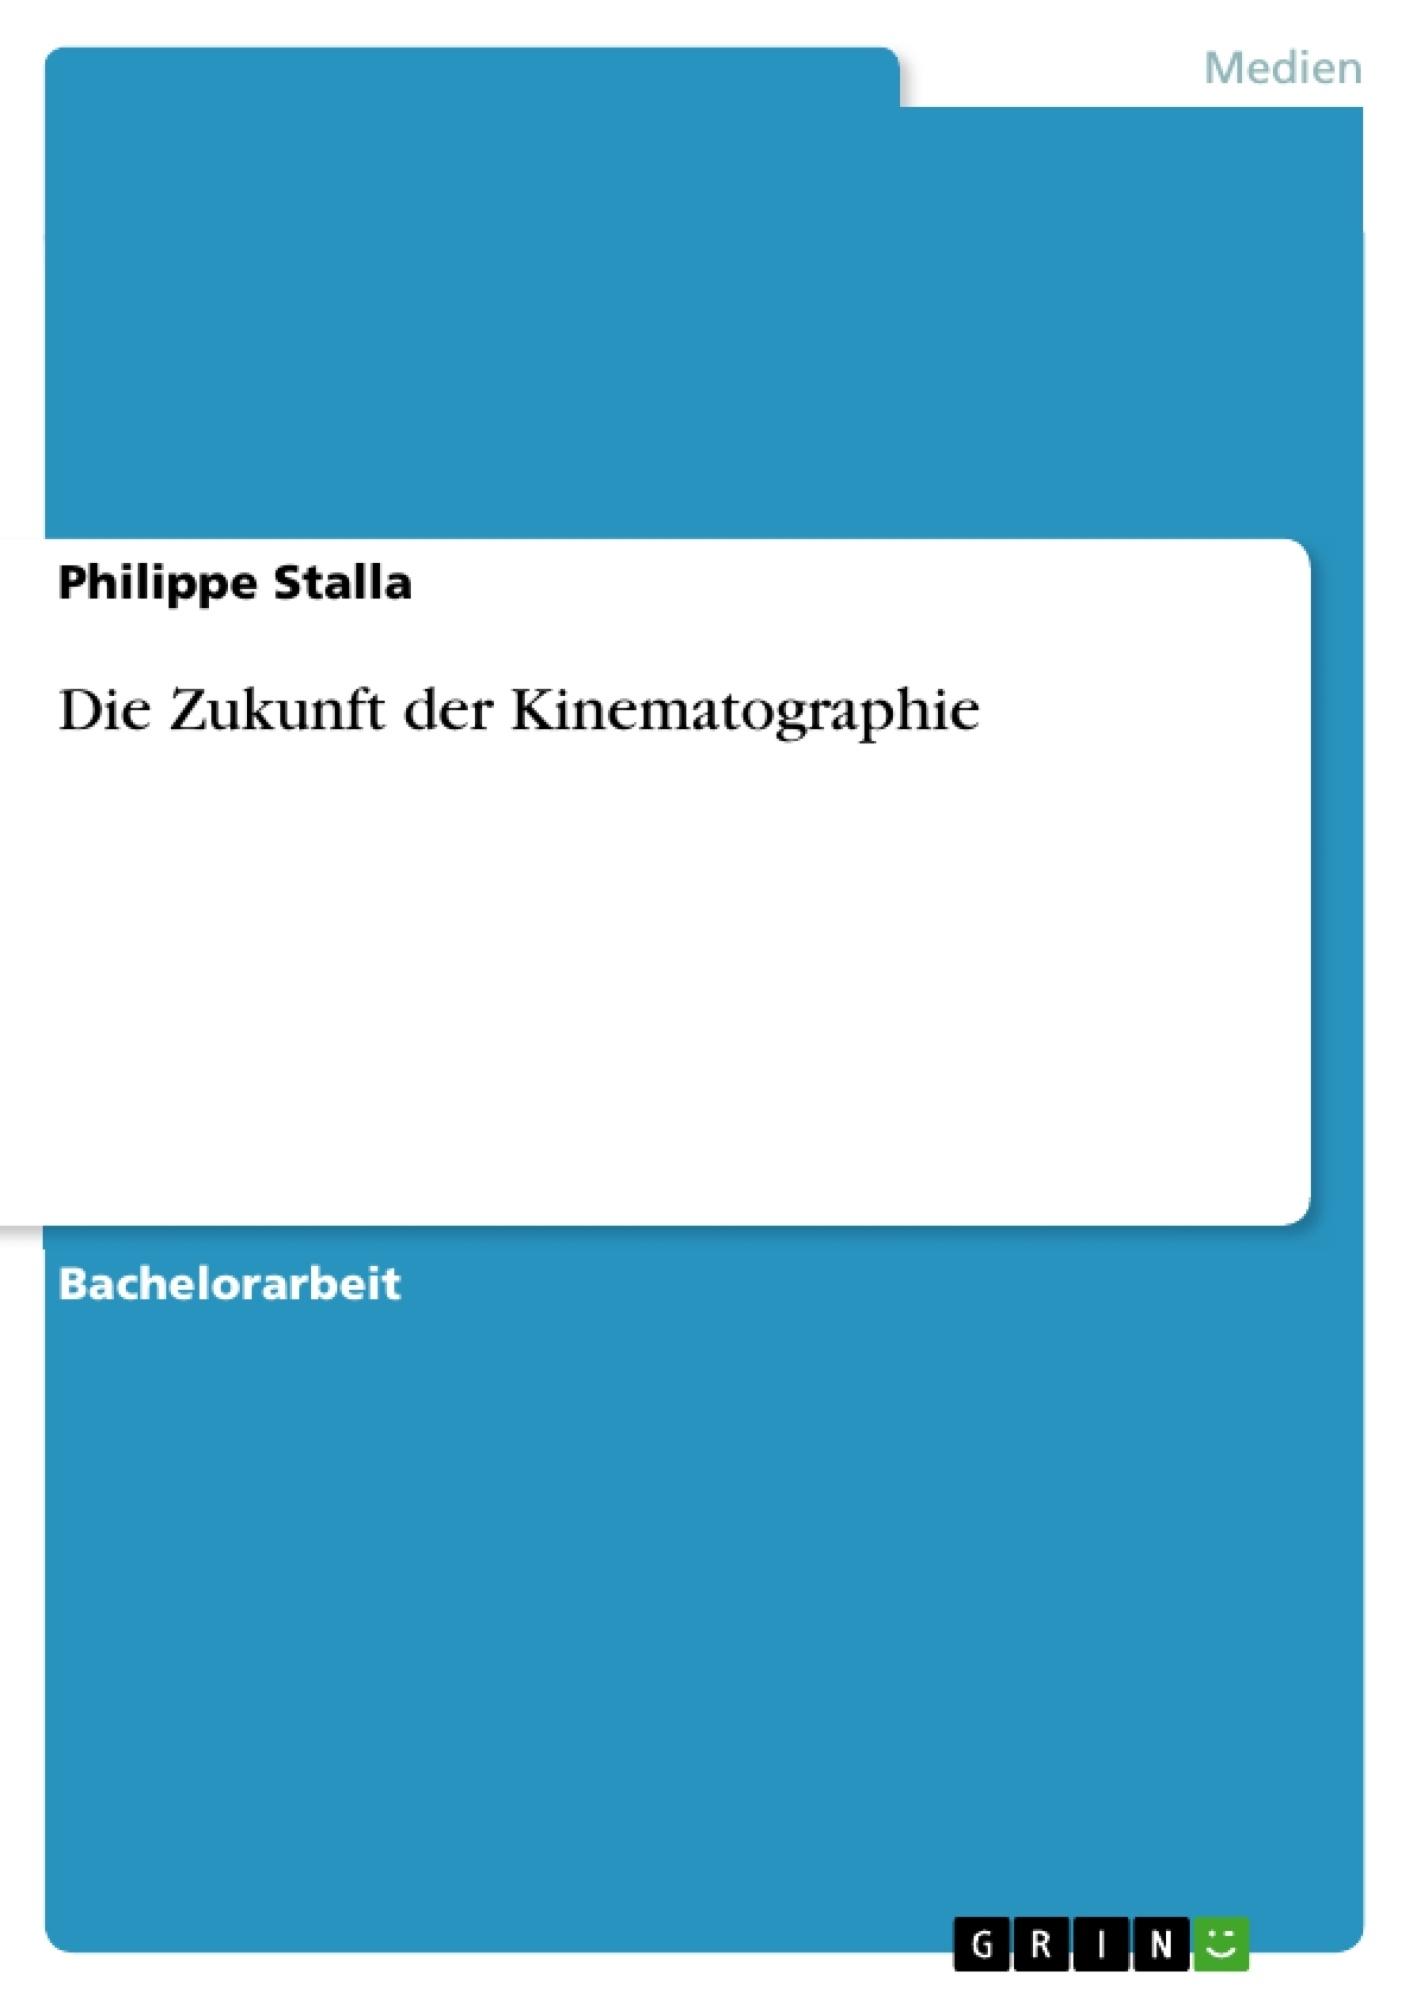 Die Zukunft der Kinematographie | Masterarbeit, Hausarbeit ...